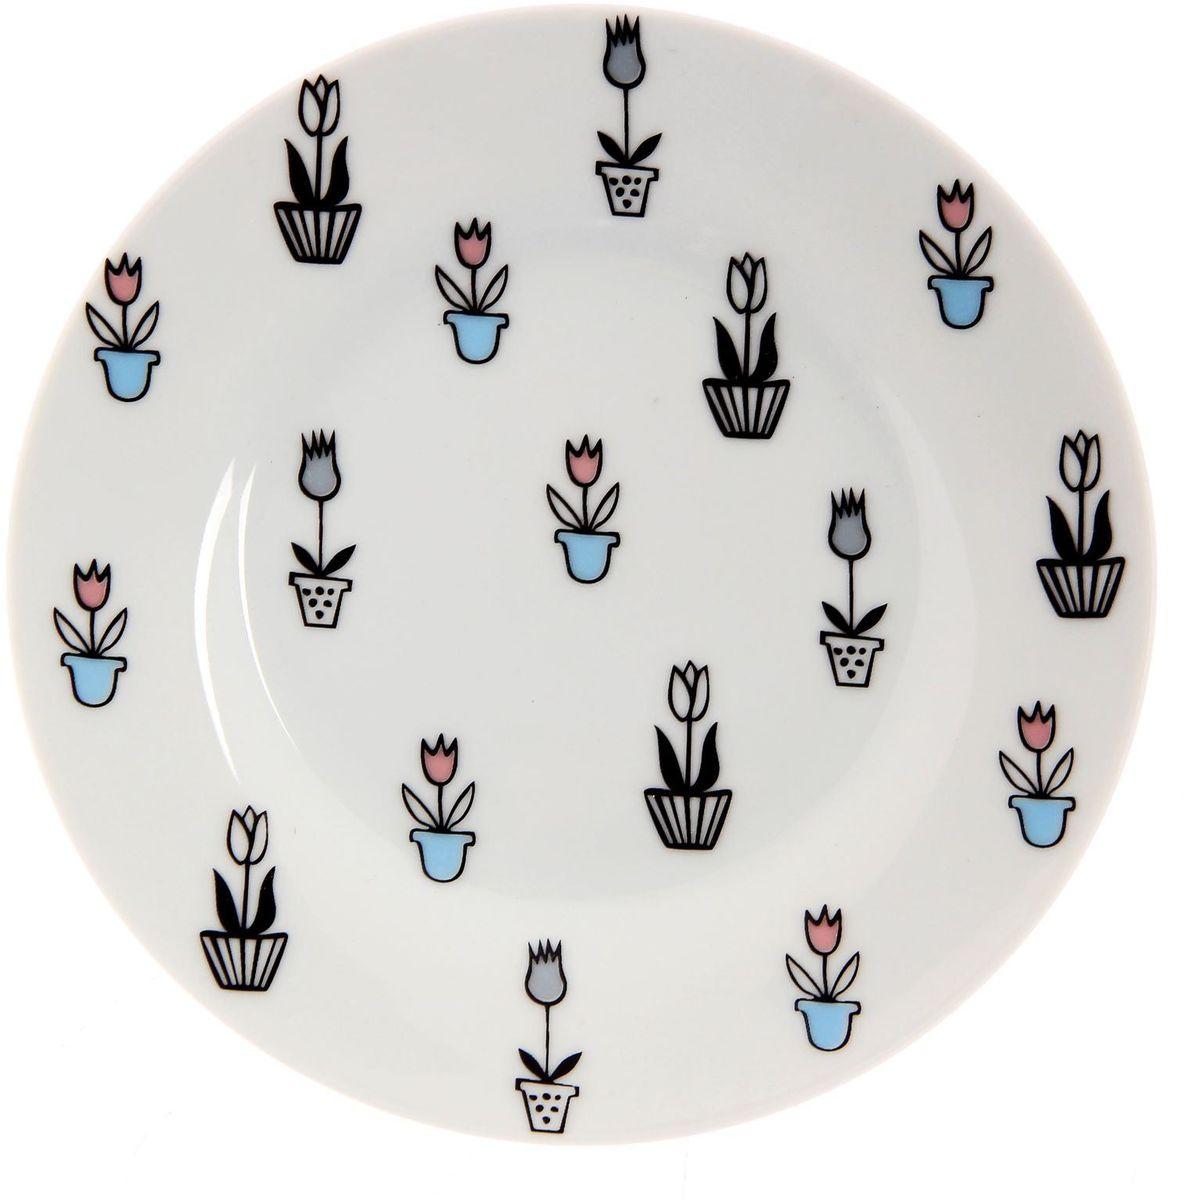 Тарелка мелкая Сотвори чудо Тюльпаны, диаметр 15,5 смFS-91909Хотите обновить интерьер кухни или гостиной? Устраиваете необычную фотосессию или тематический праздник? А может, просто ищете подарок для близкого человека? Посуда Сотвори Чудо — правильный выбор в любой ситуации. Тарелка Сотвори Чудо, изготовленная из изящного фаянса нежного сливочного цвета, оформлена оригинальным рисунком со стойкой краской. Пригодна для посудомоечной машины.